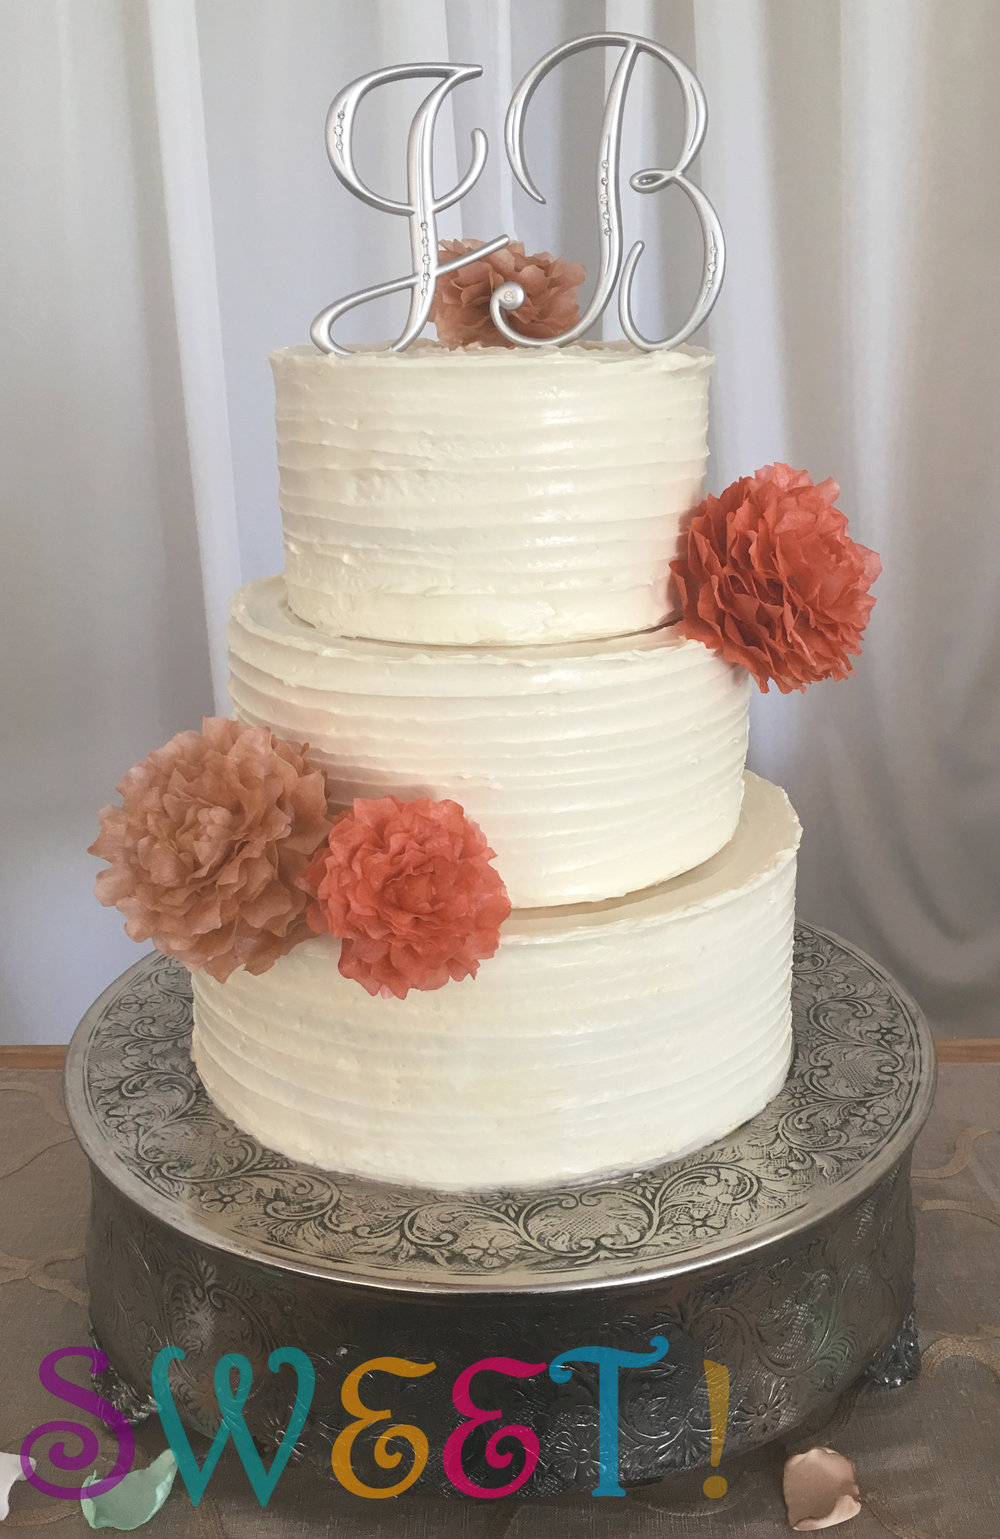 Jordan & Ben's Wedding Cake.JPG